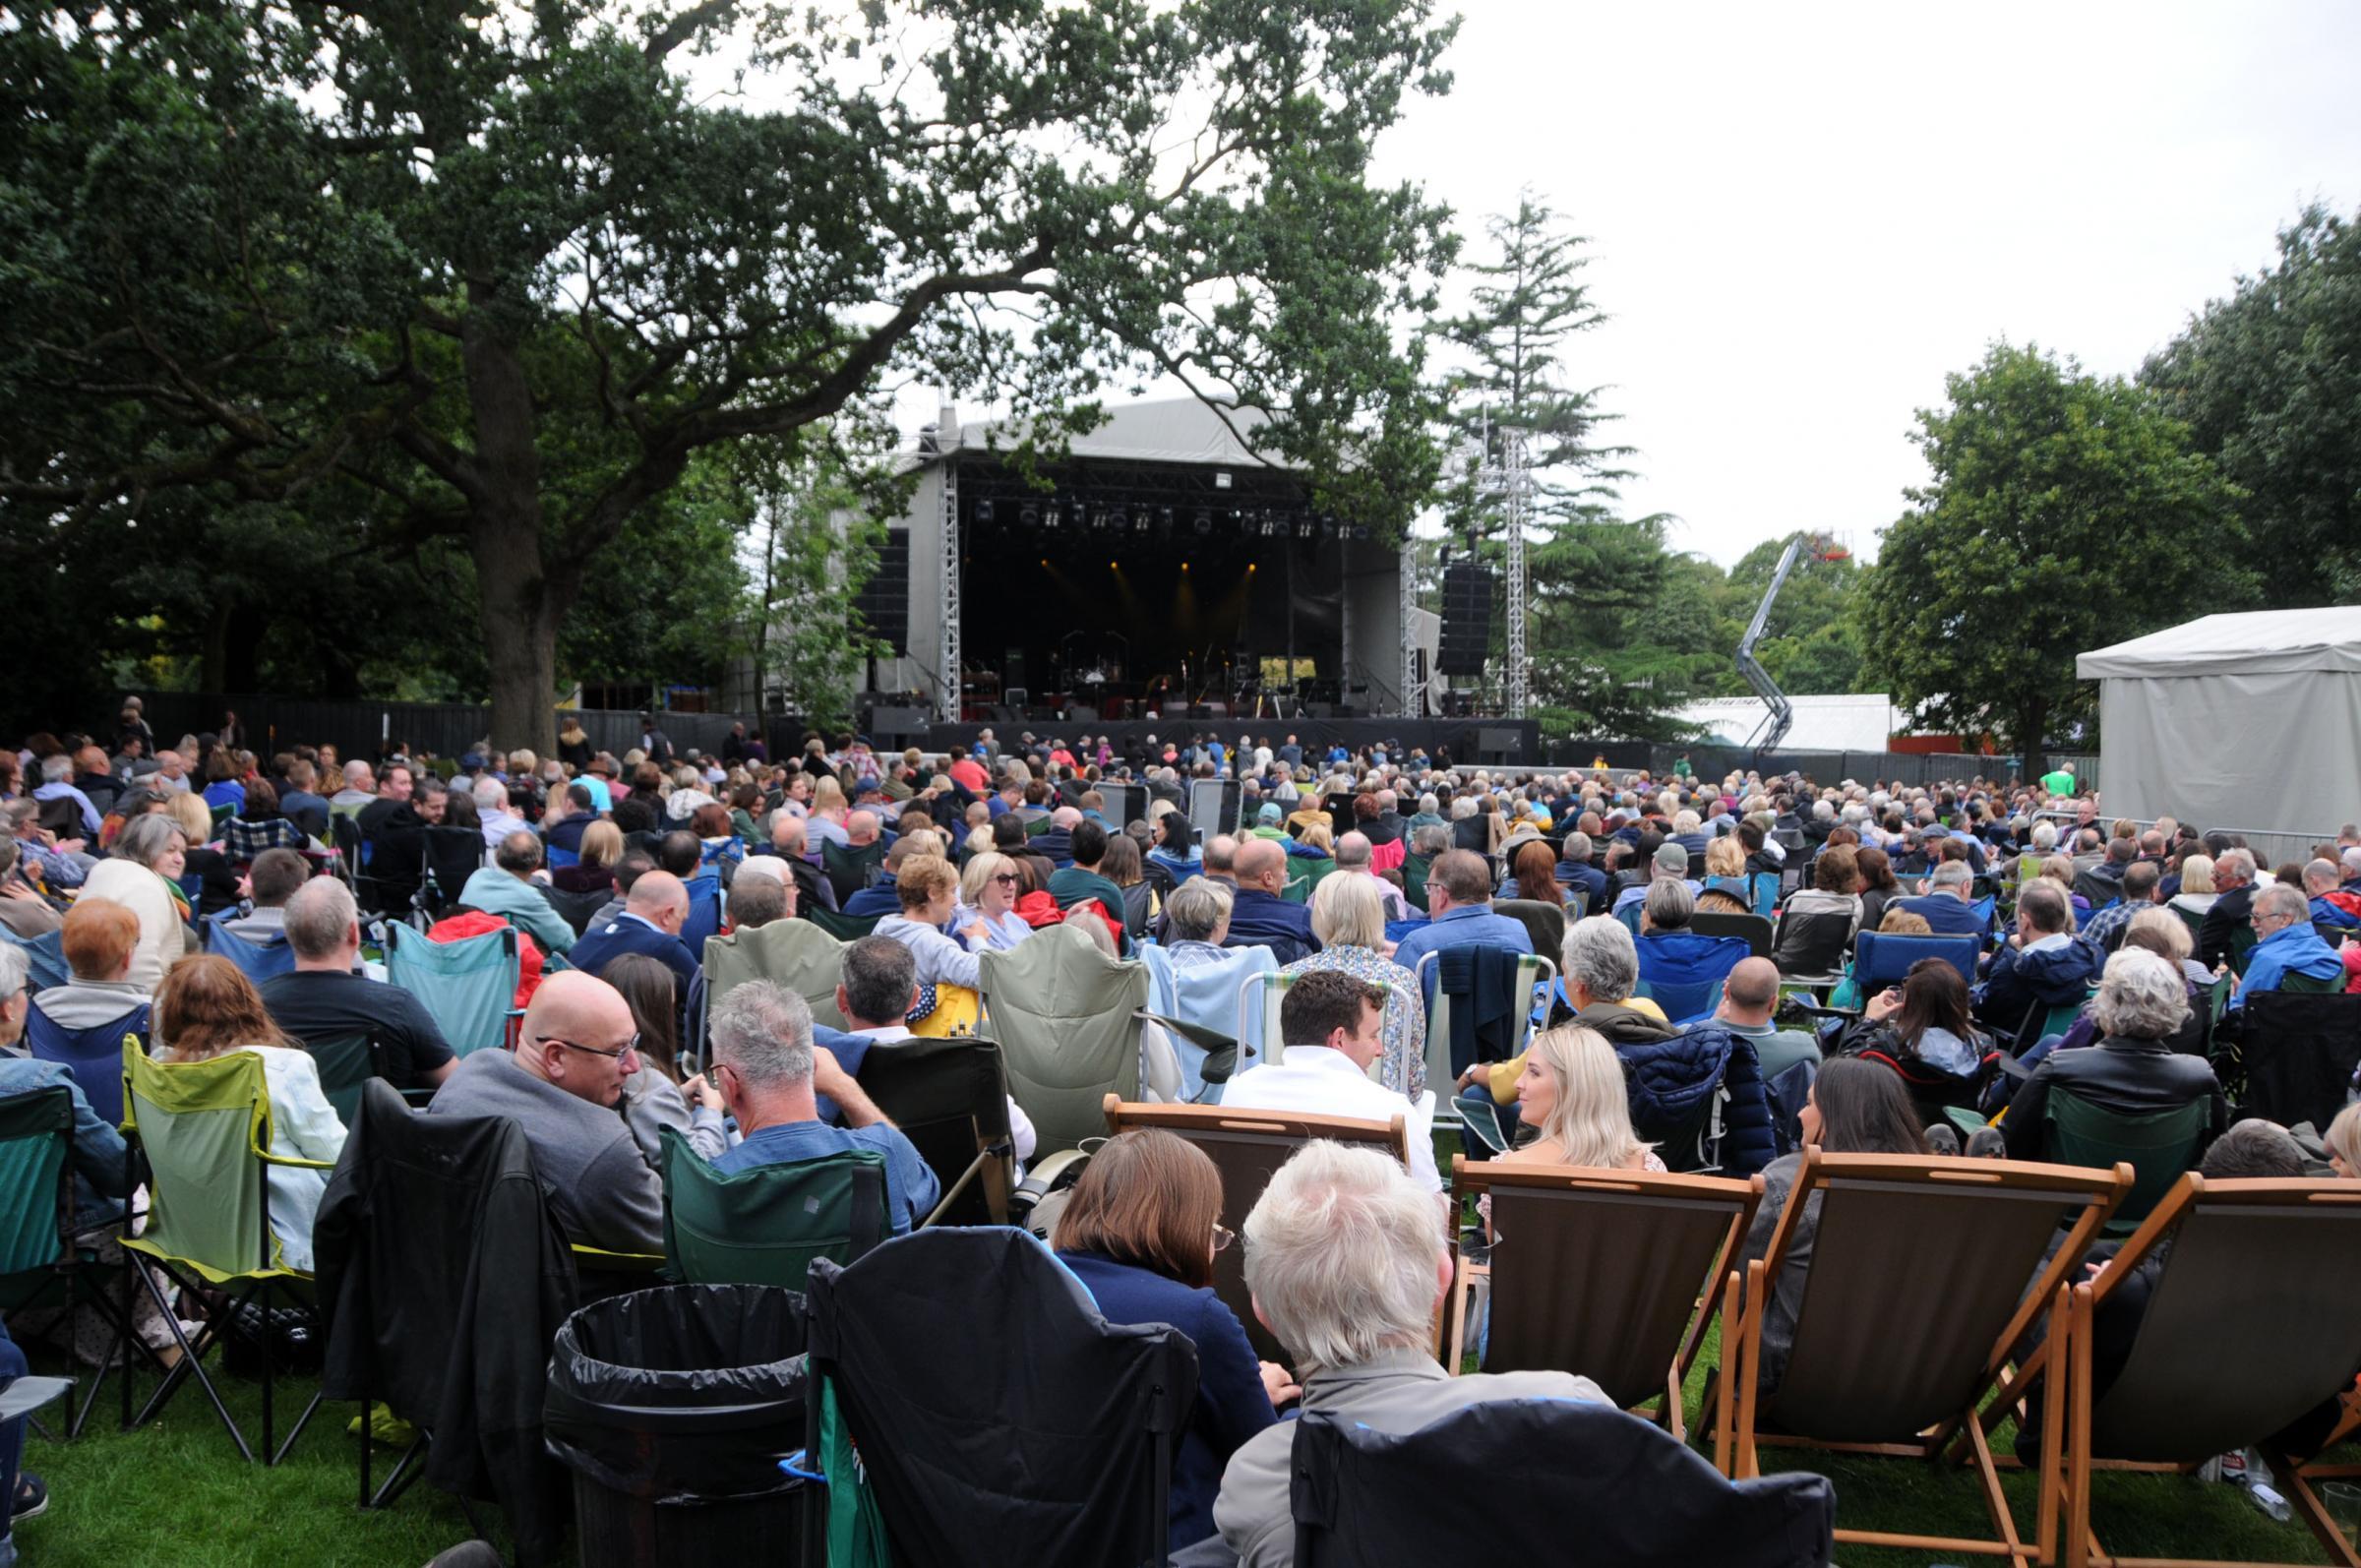 Thousands watch Jools Holland at Walton Gardens